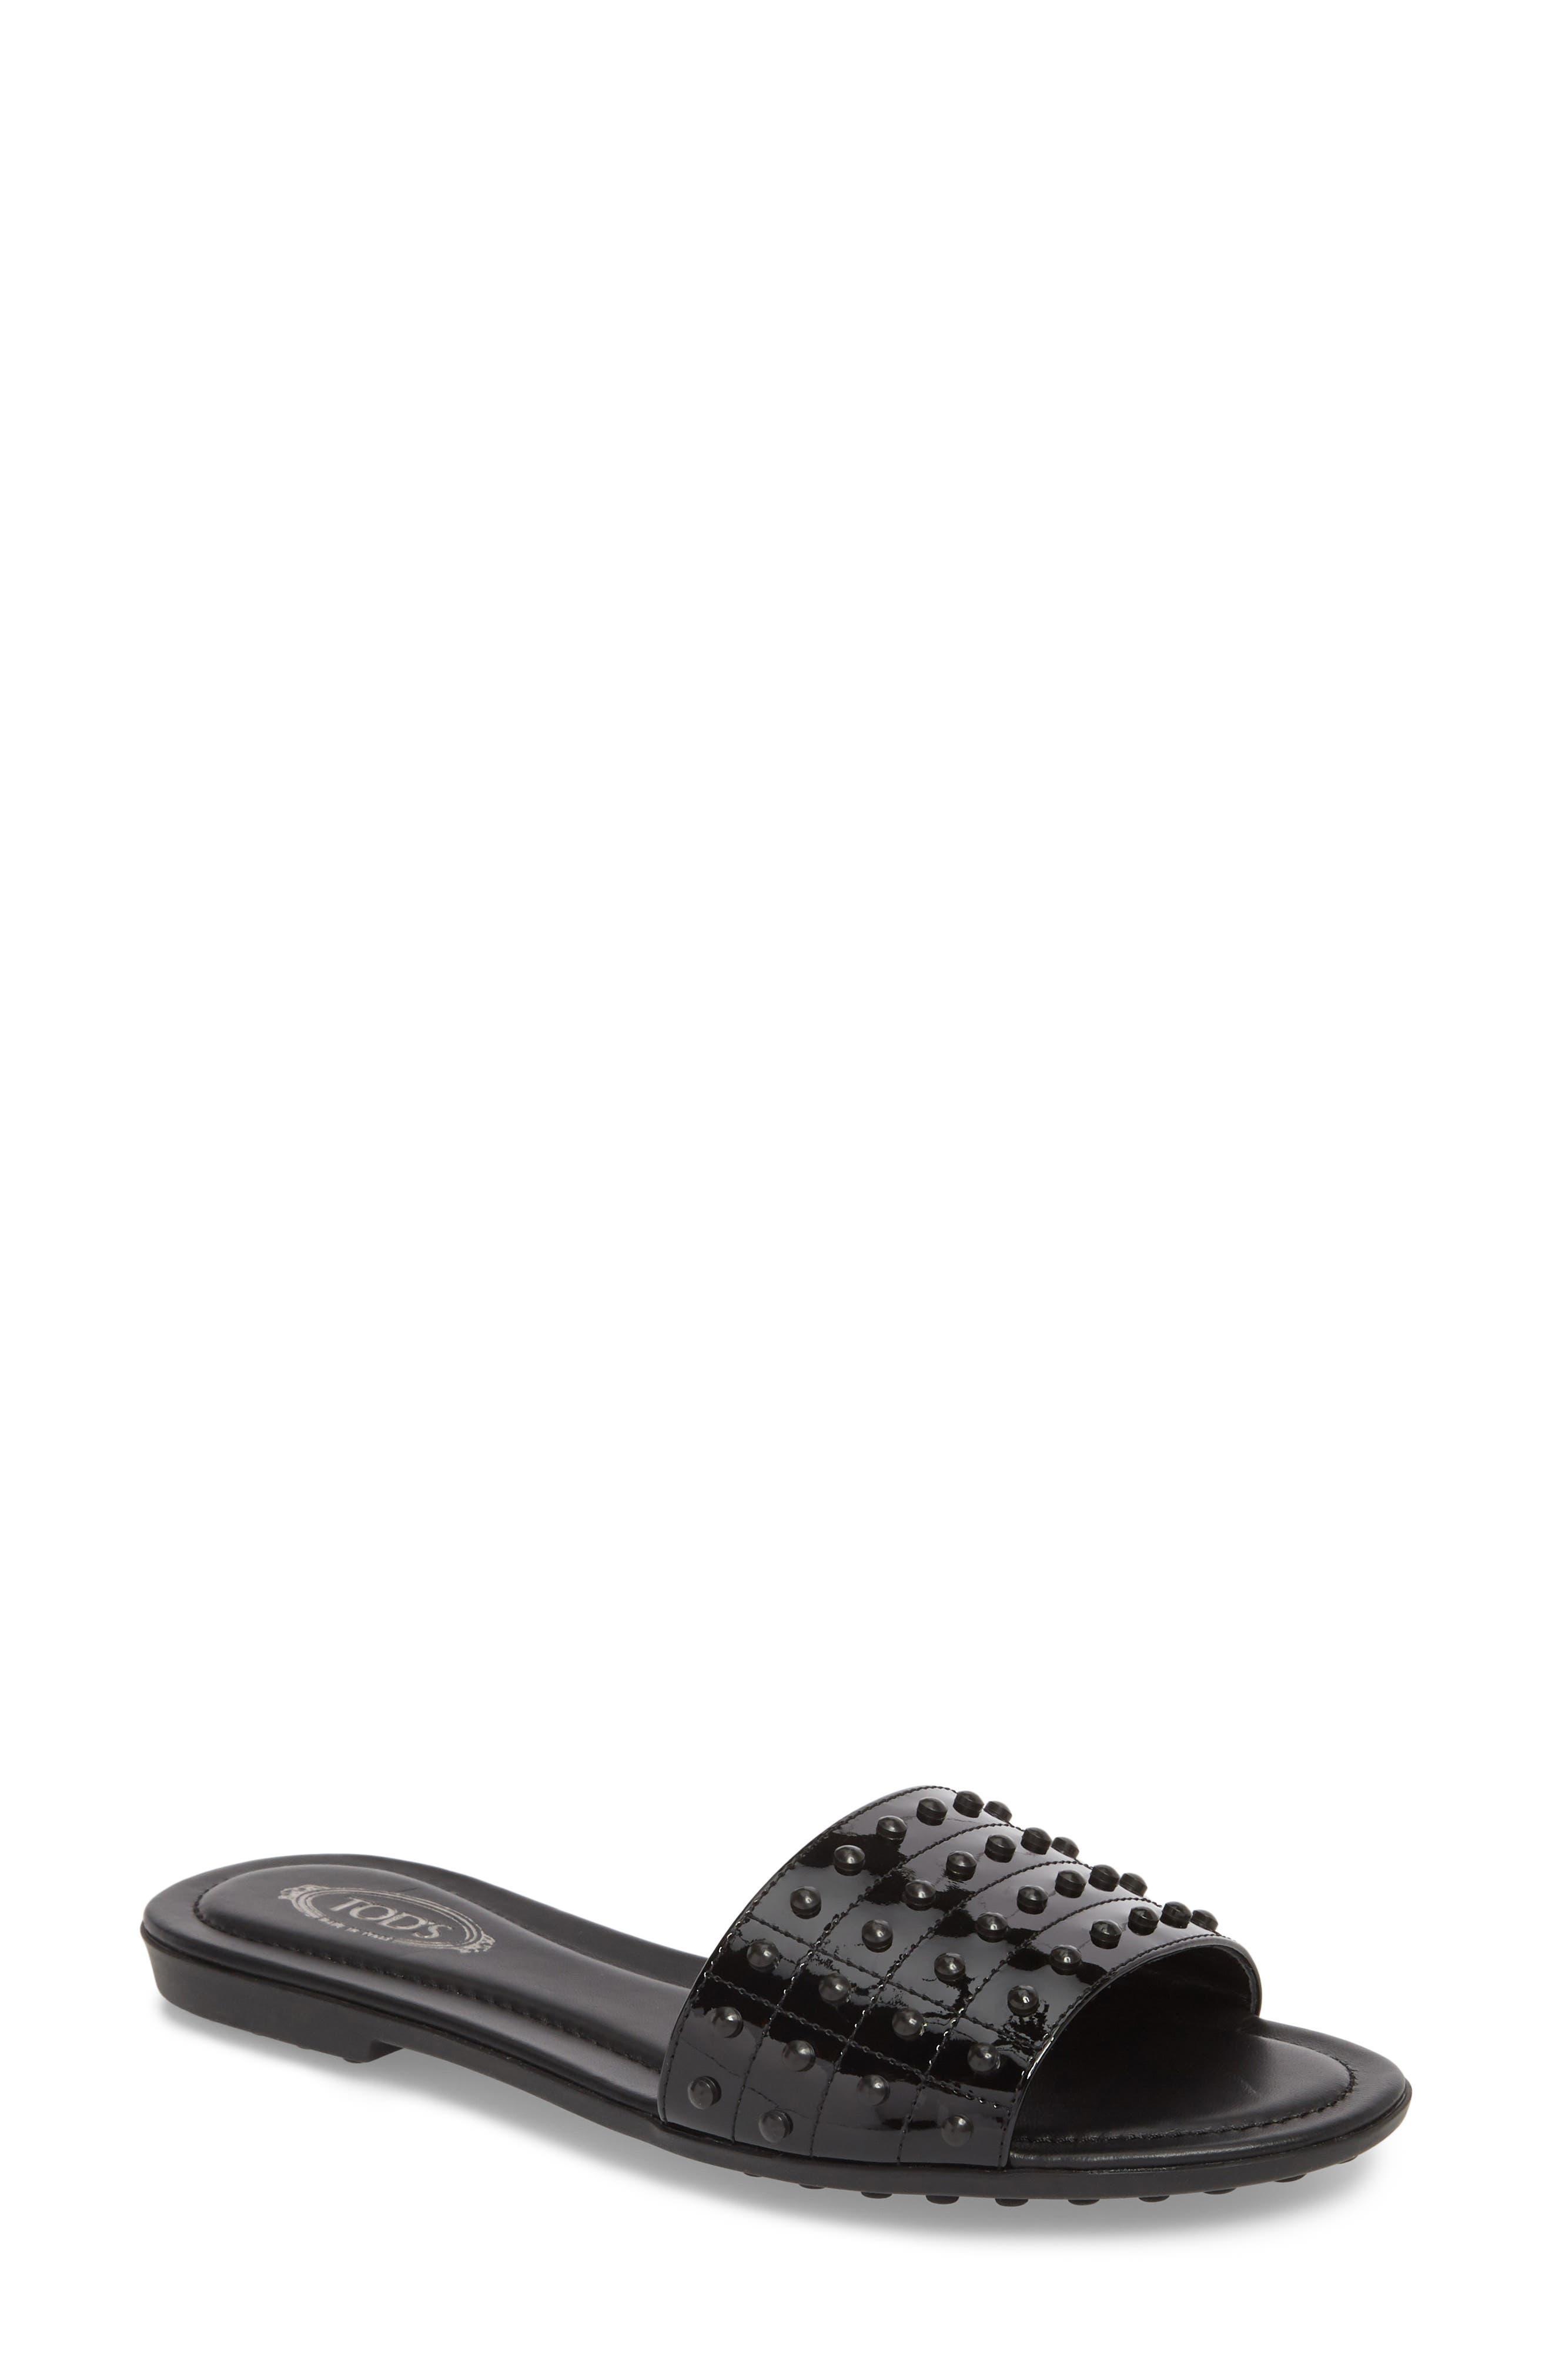 Gommini Slide Sandal,                             Main thumbnail 1, color,                             001